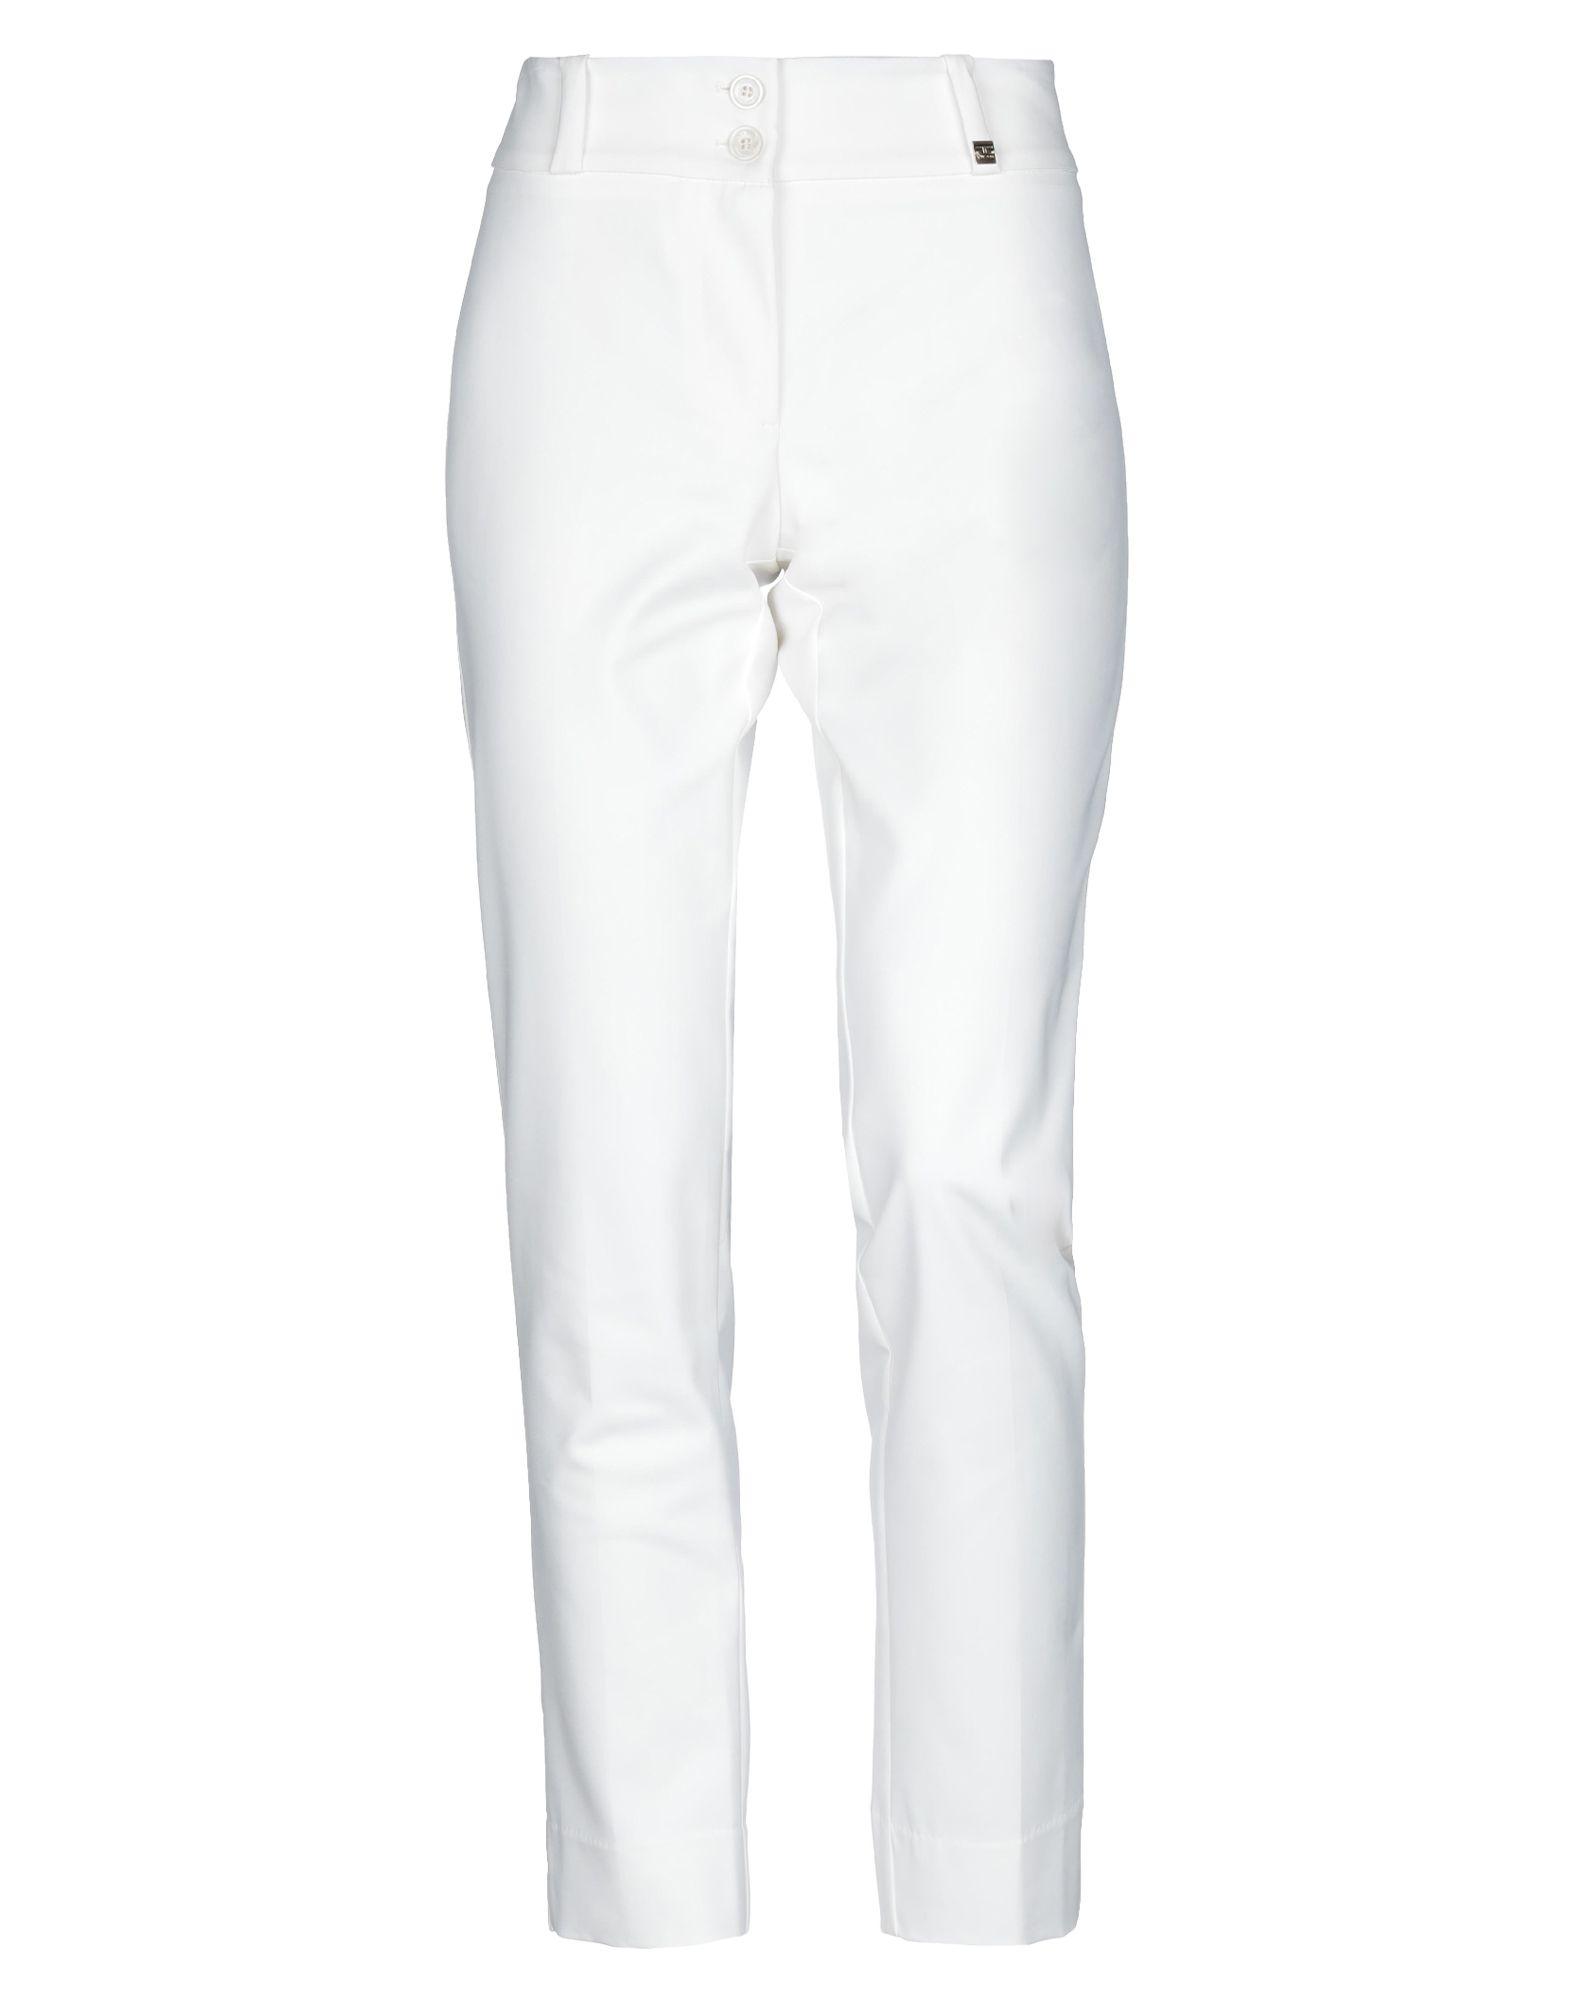 《セール開催中》TRY ME レディース パンツ ホワイト 46 コットン 95% / ポリウレタン 5%